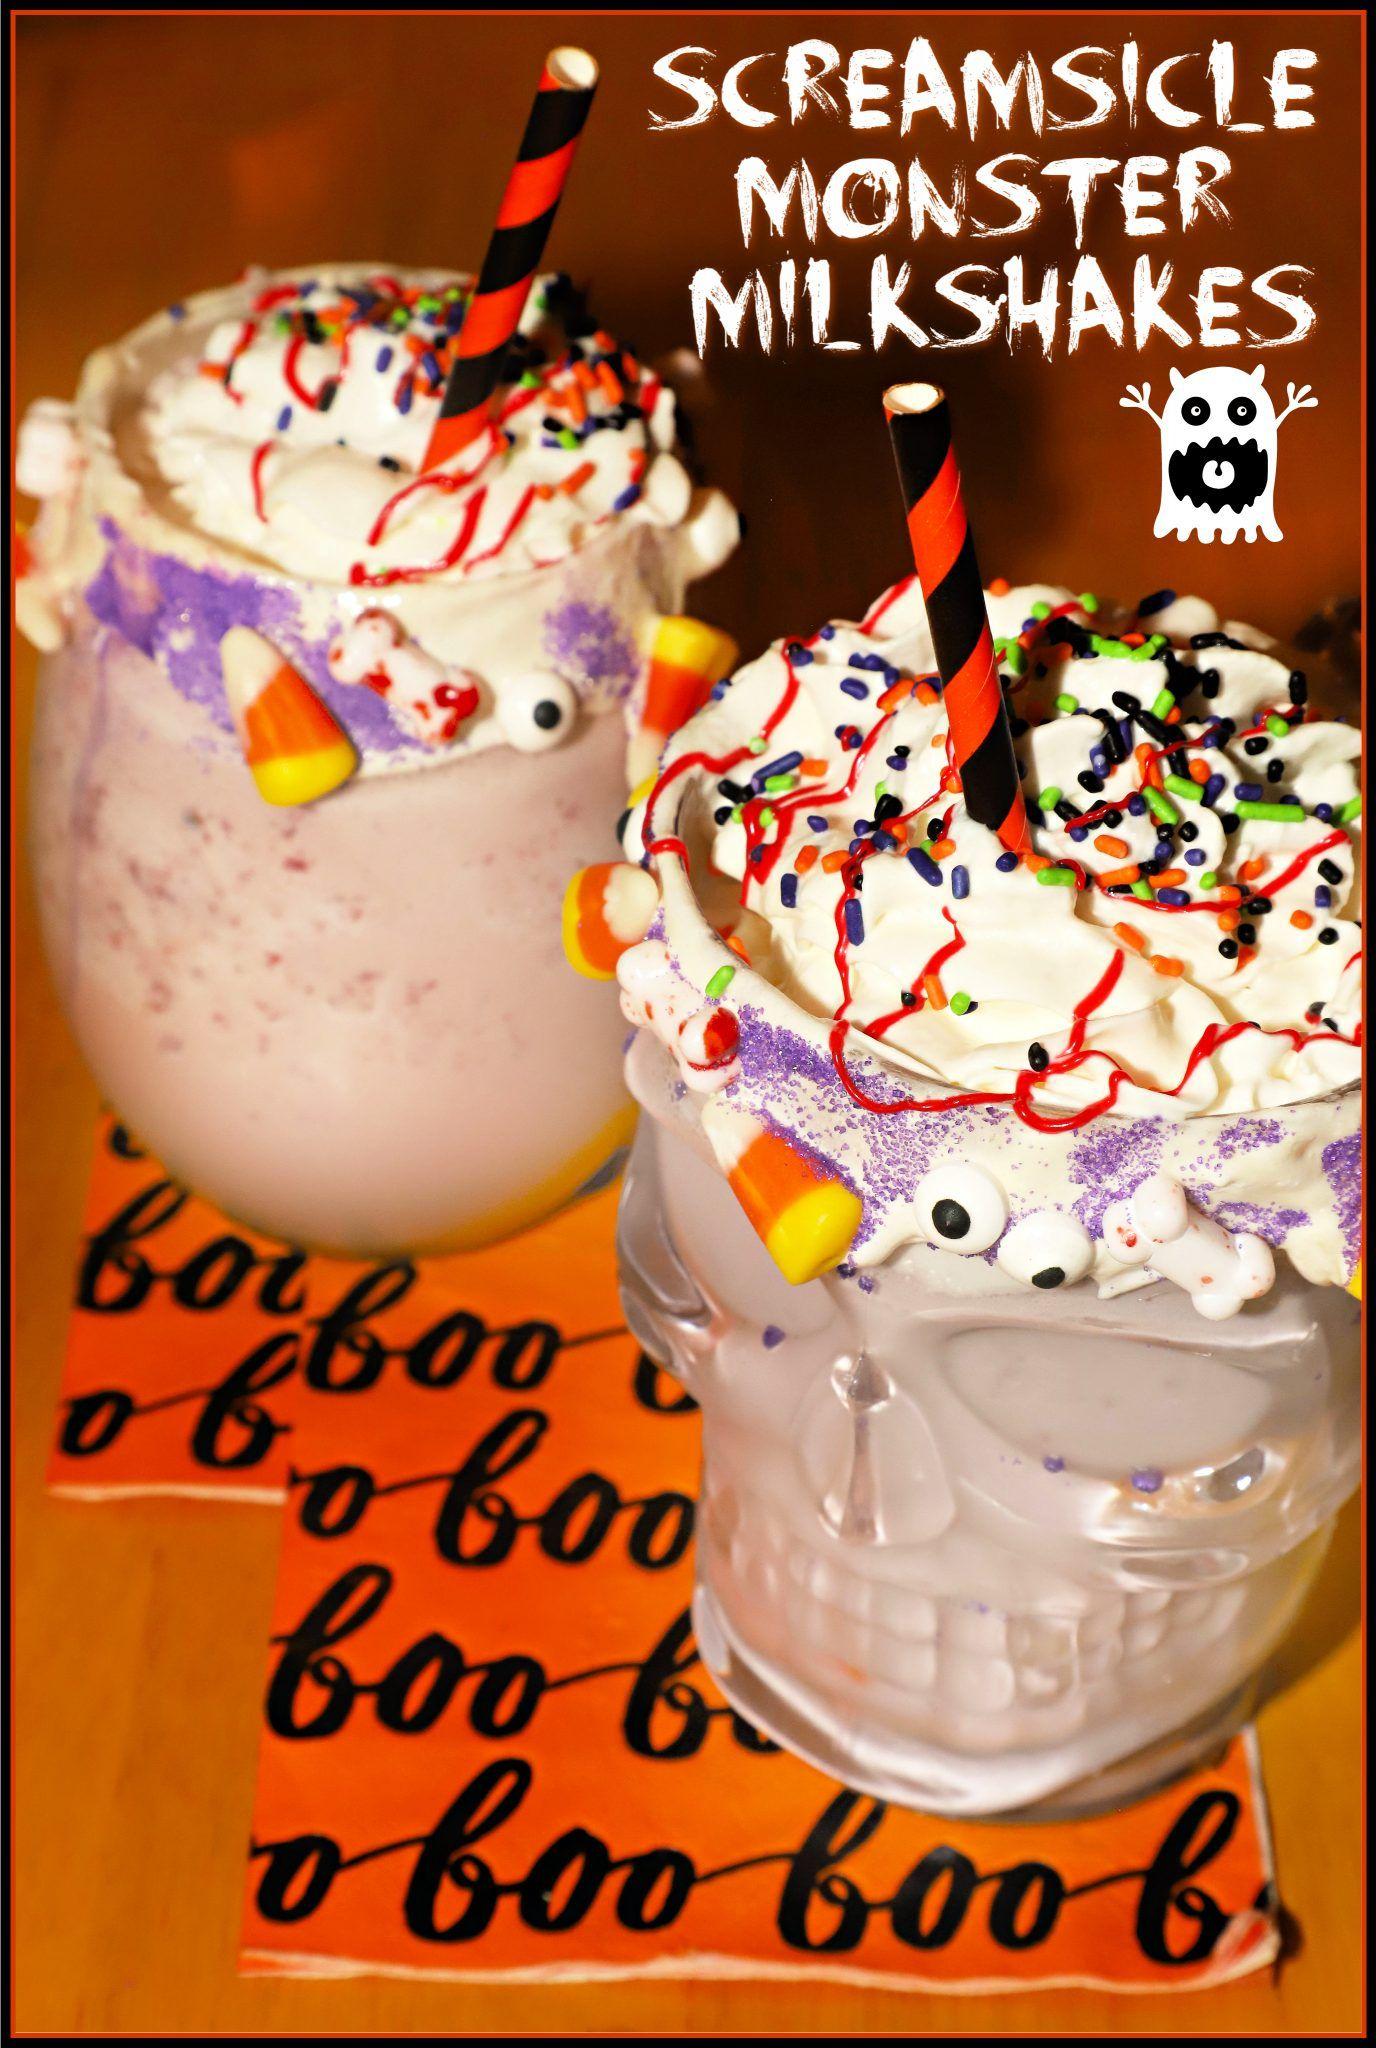 Screamsicle Monster Milkshakes #HalloweenTreatsWee